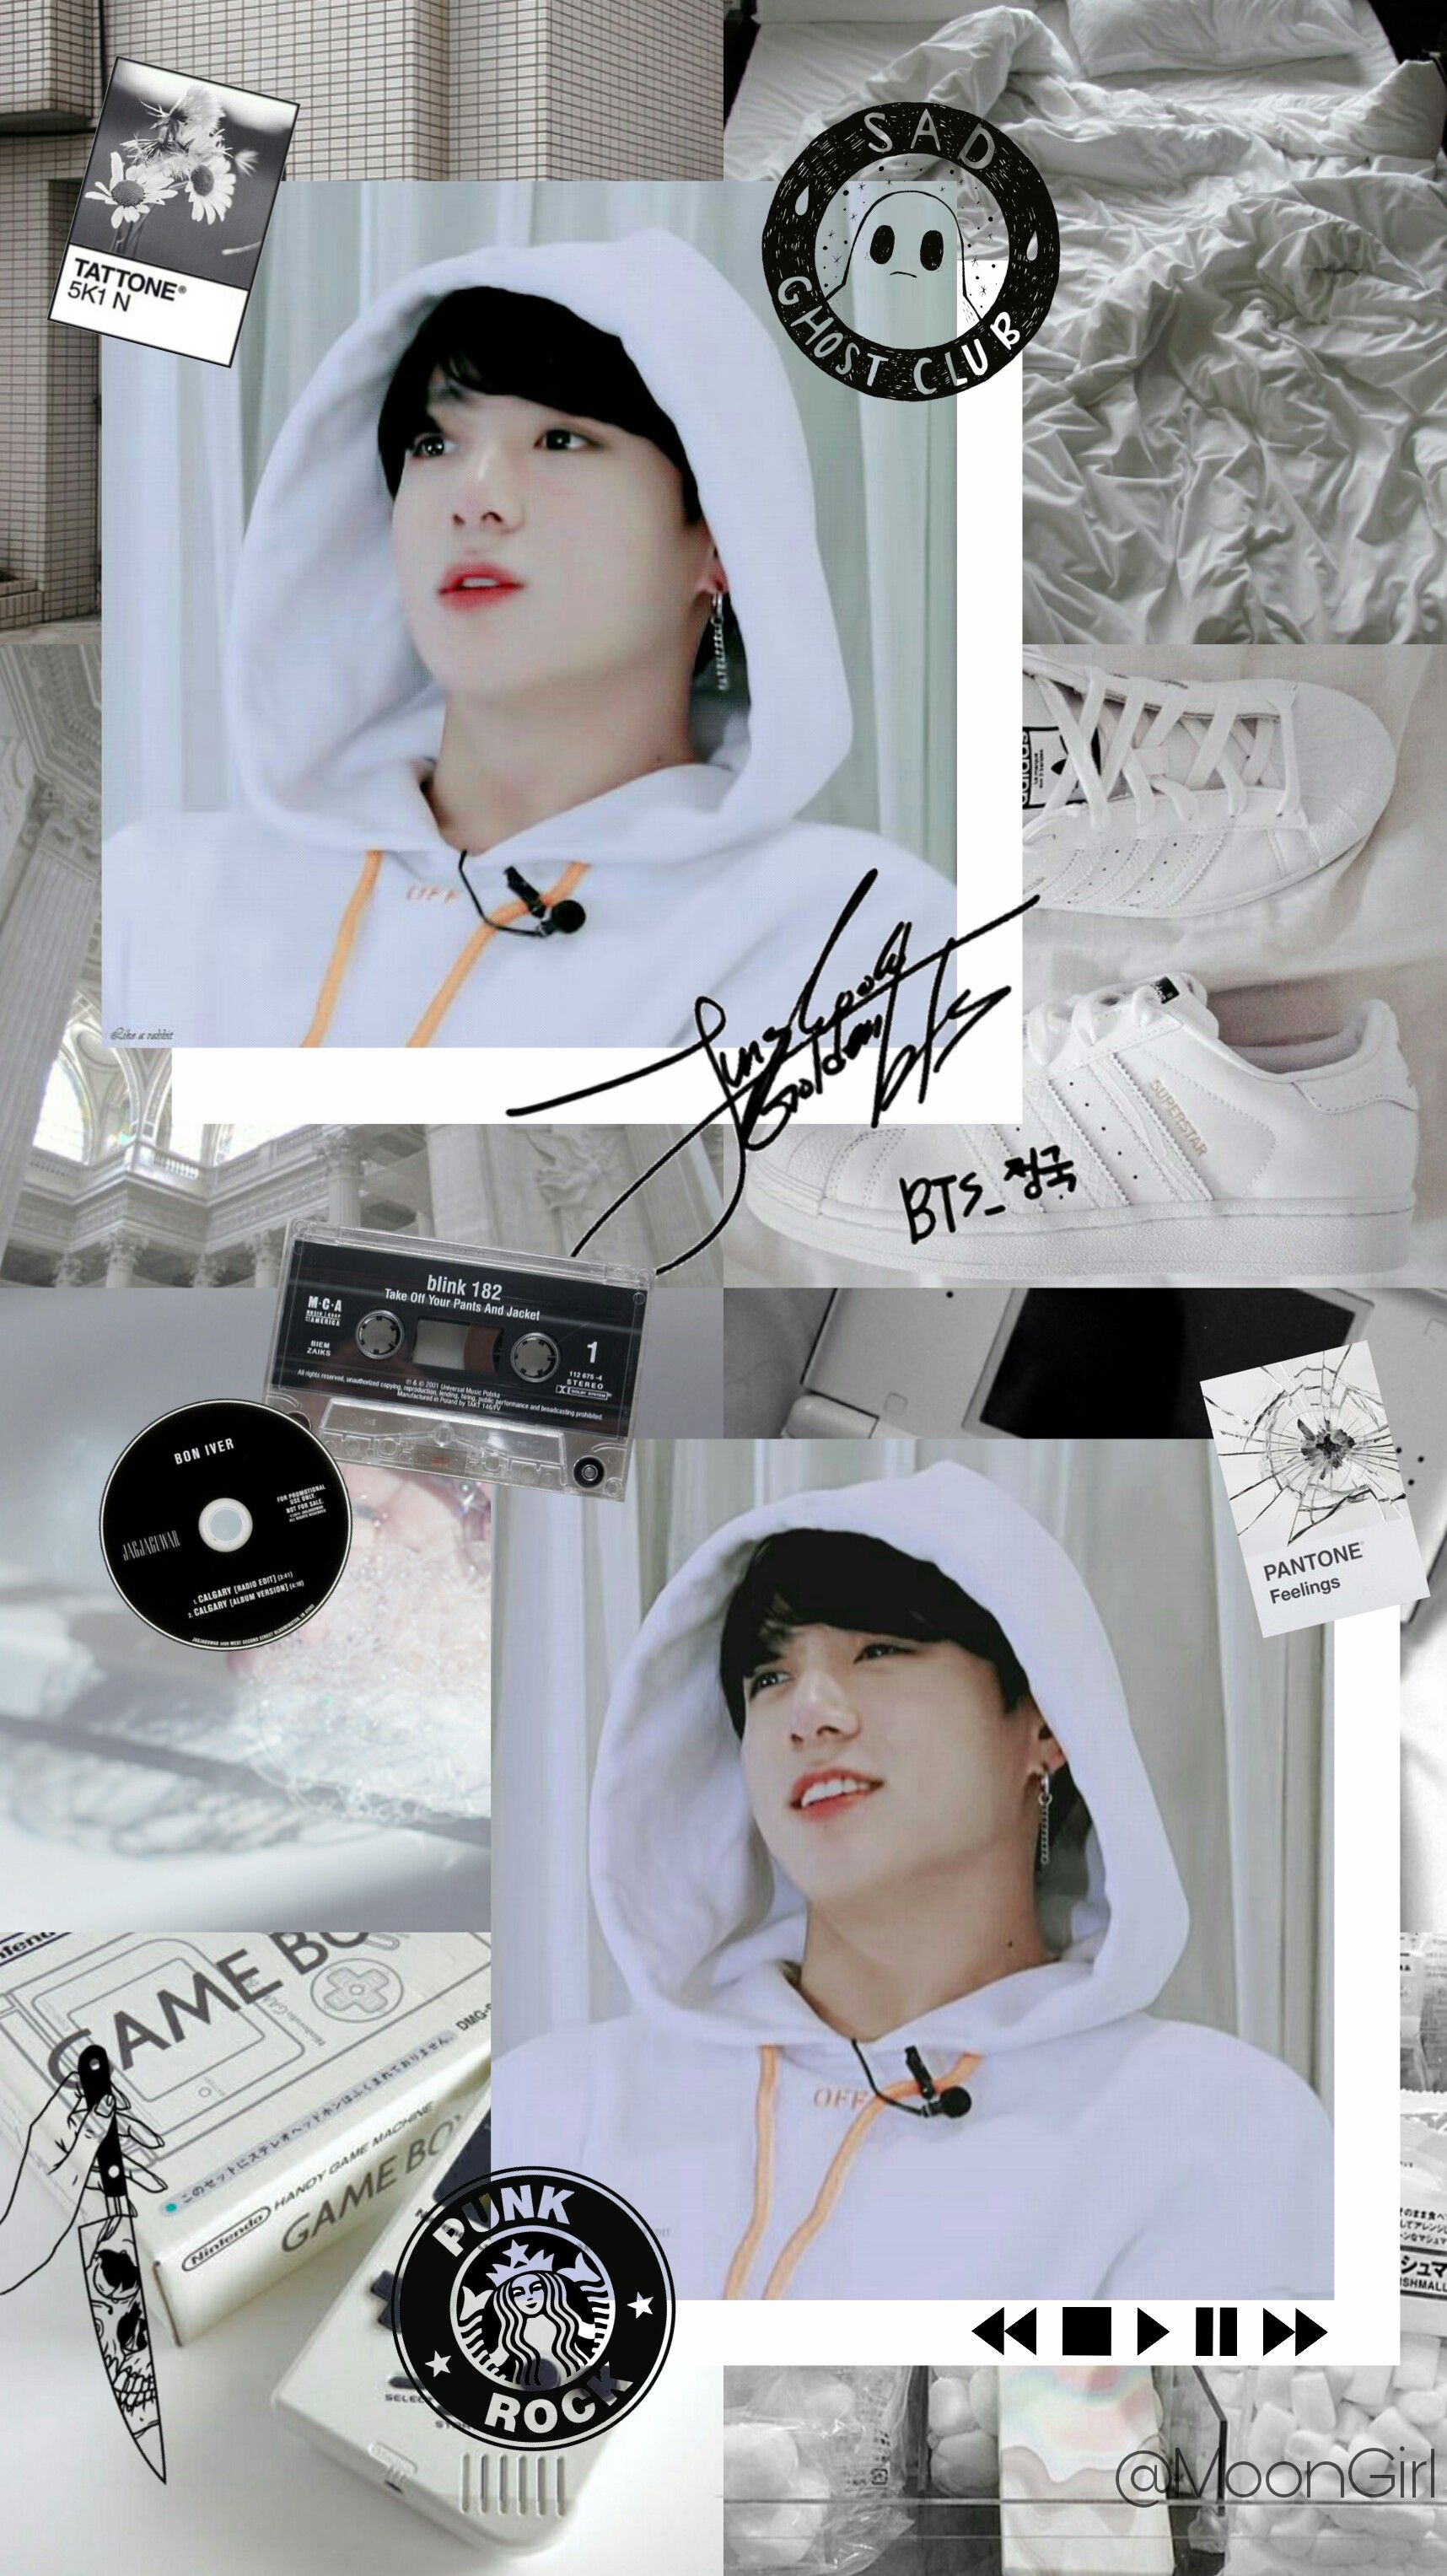 Jungkook Bts Wallpaper White Aesthetic Aesthetic Kpop Edit Freetoedit Kelas Fotografi Wallpaper Ponsel Ponsel